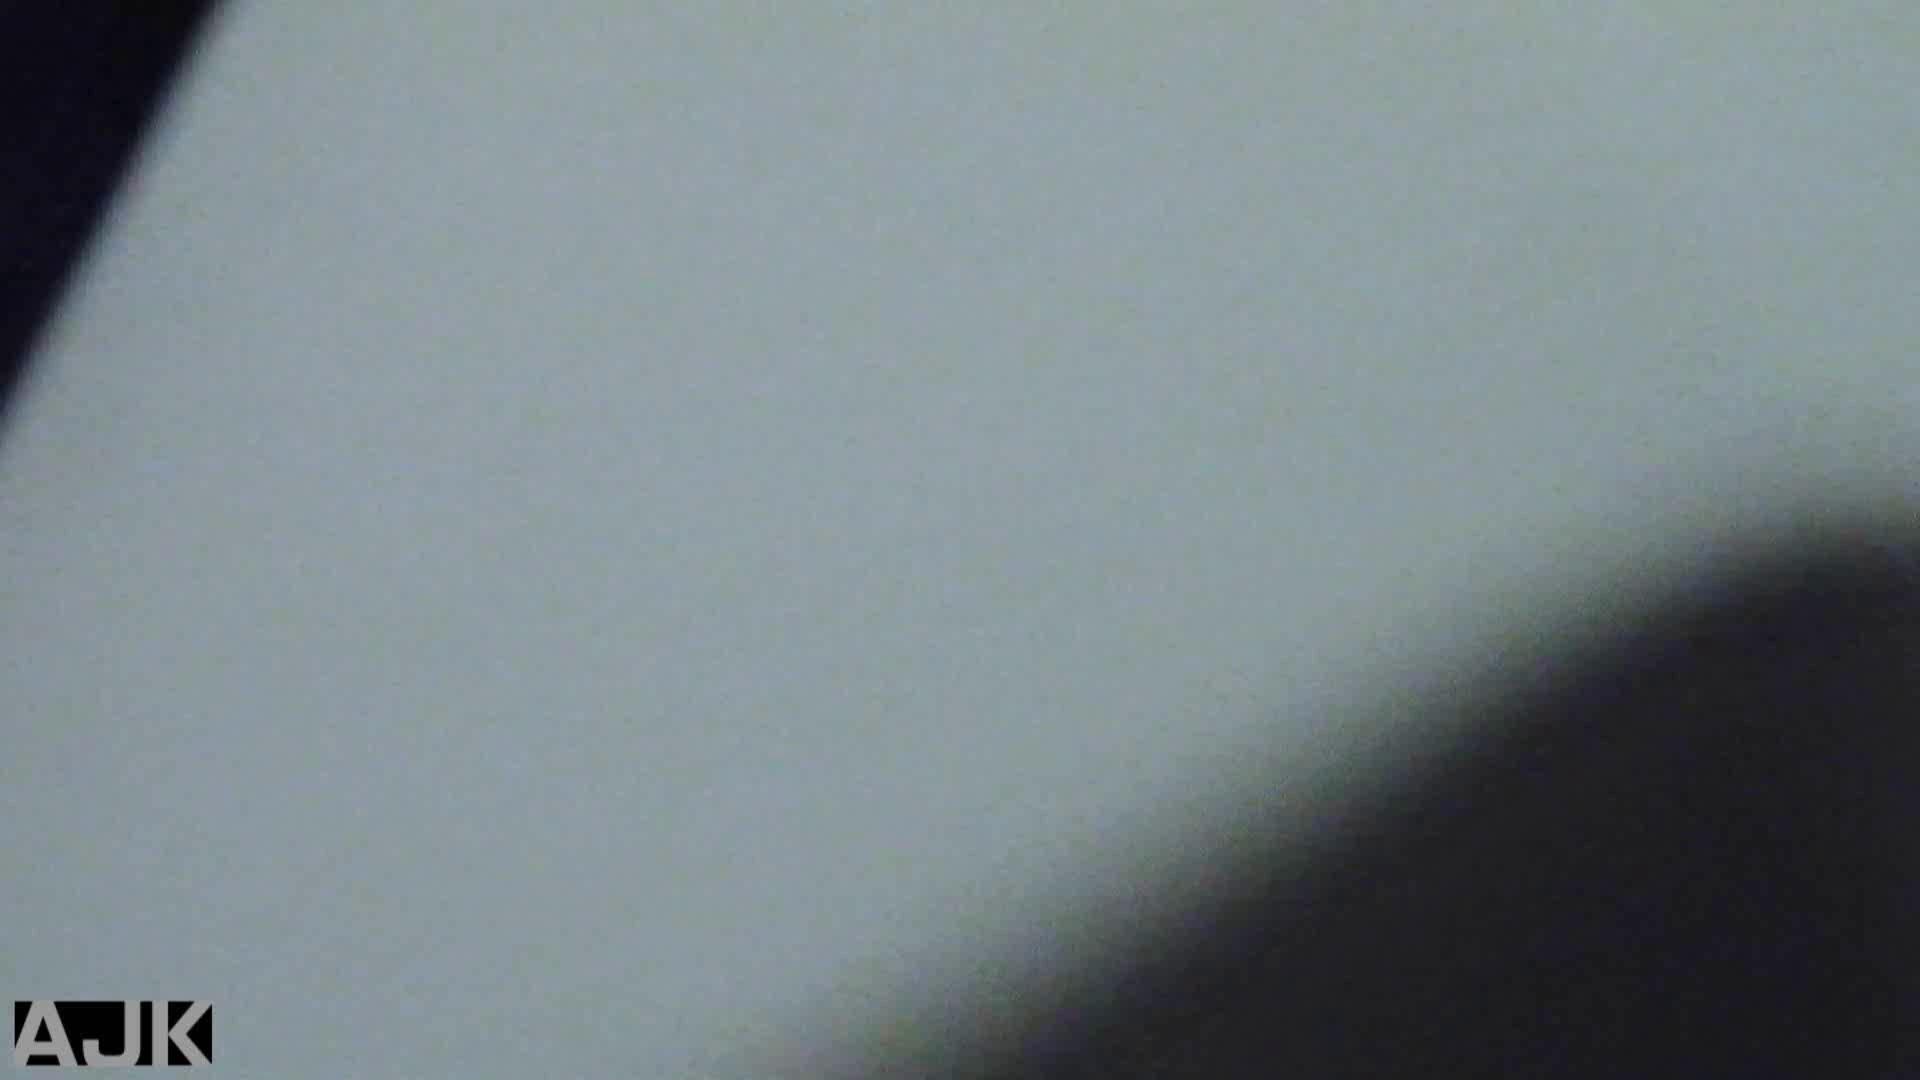 神降臨!史上最強の潜入かわや! vol.30 盗撮 ヌード画像 82連発 44